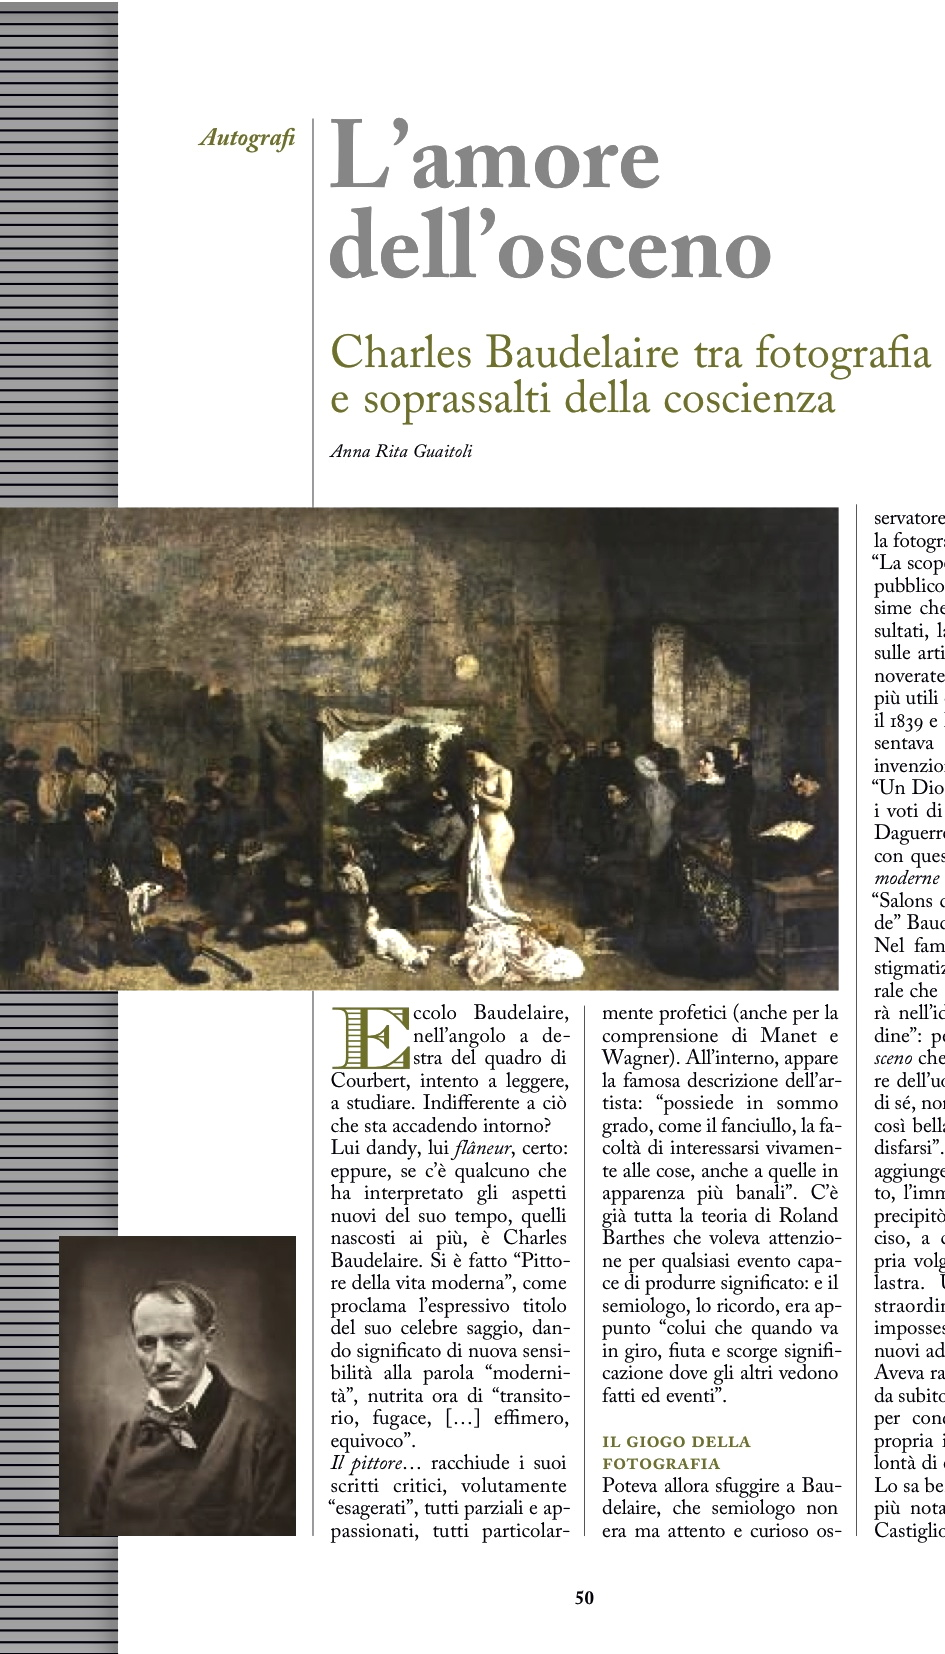 50-55_AUTOGRAFI_Baudelaire_ copia (trascinato)